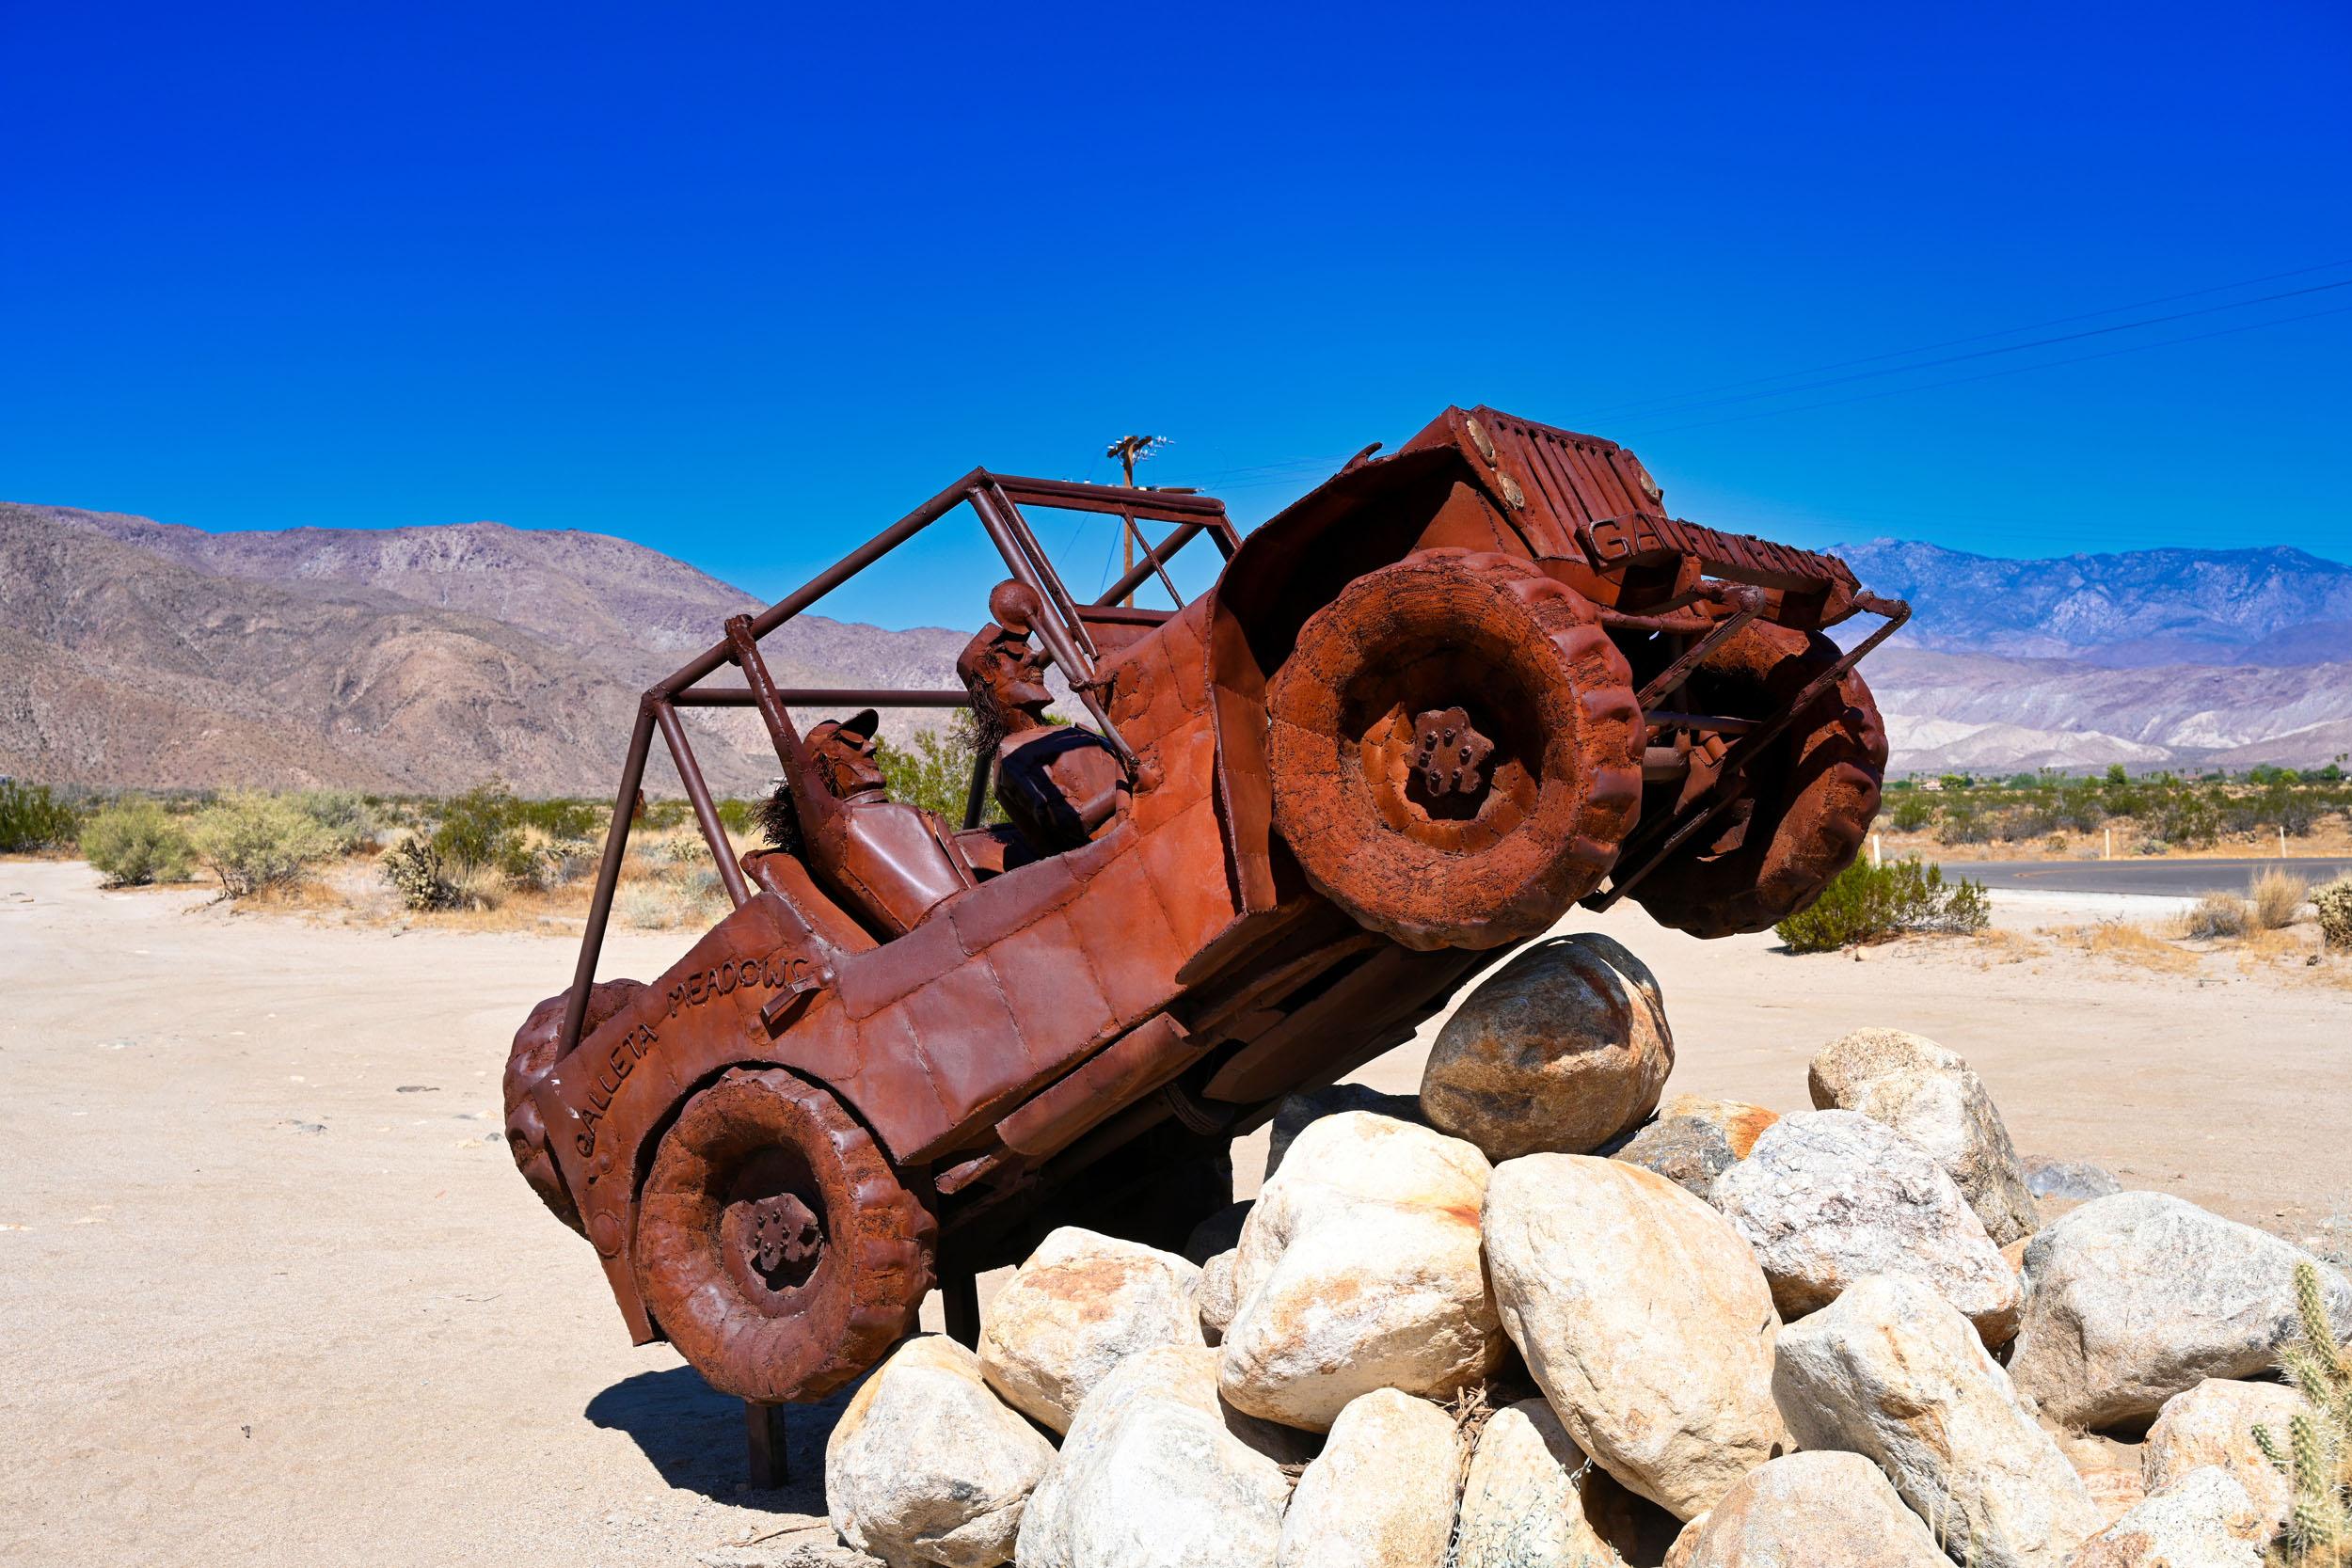 Jeep-Skulptur in Borrego Springs